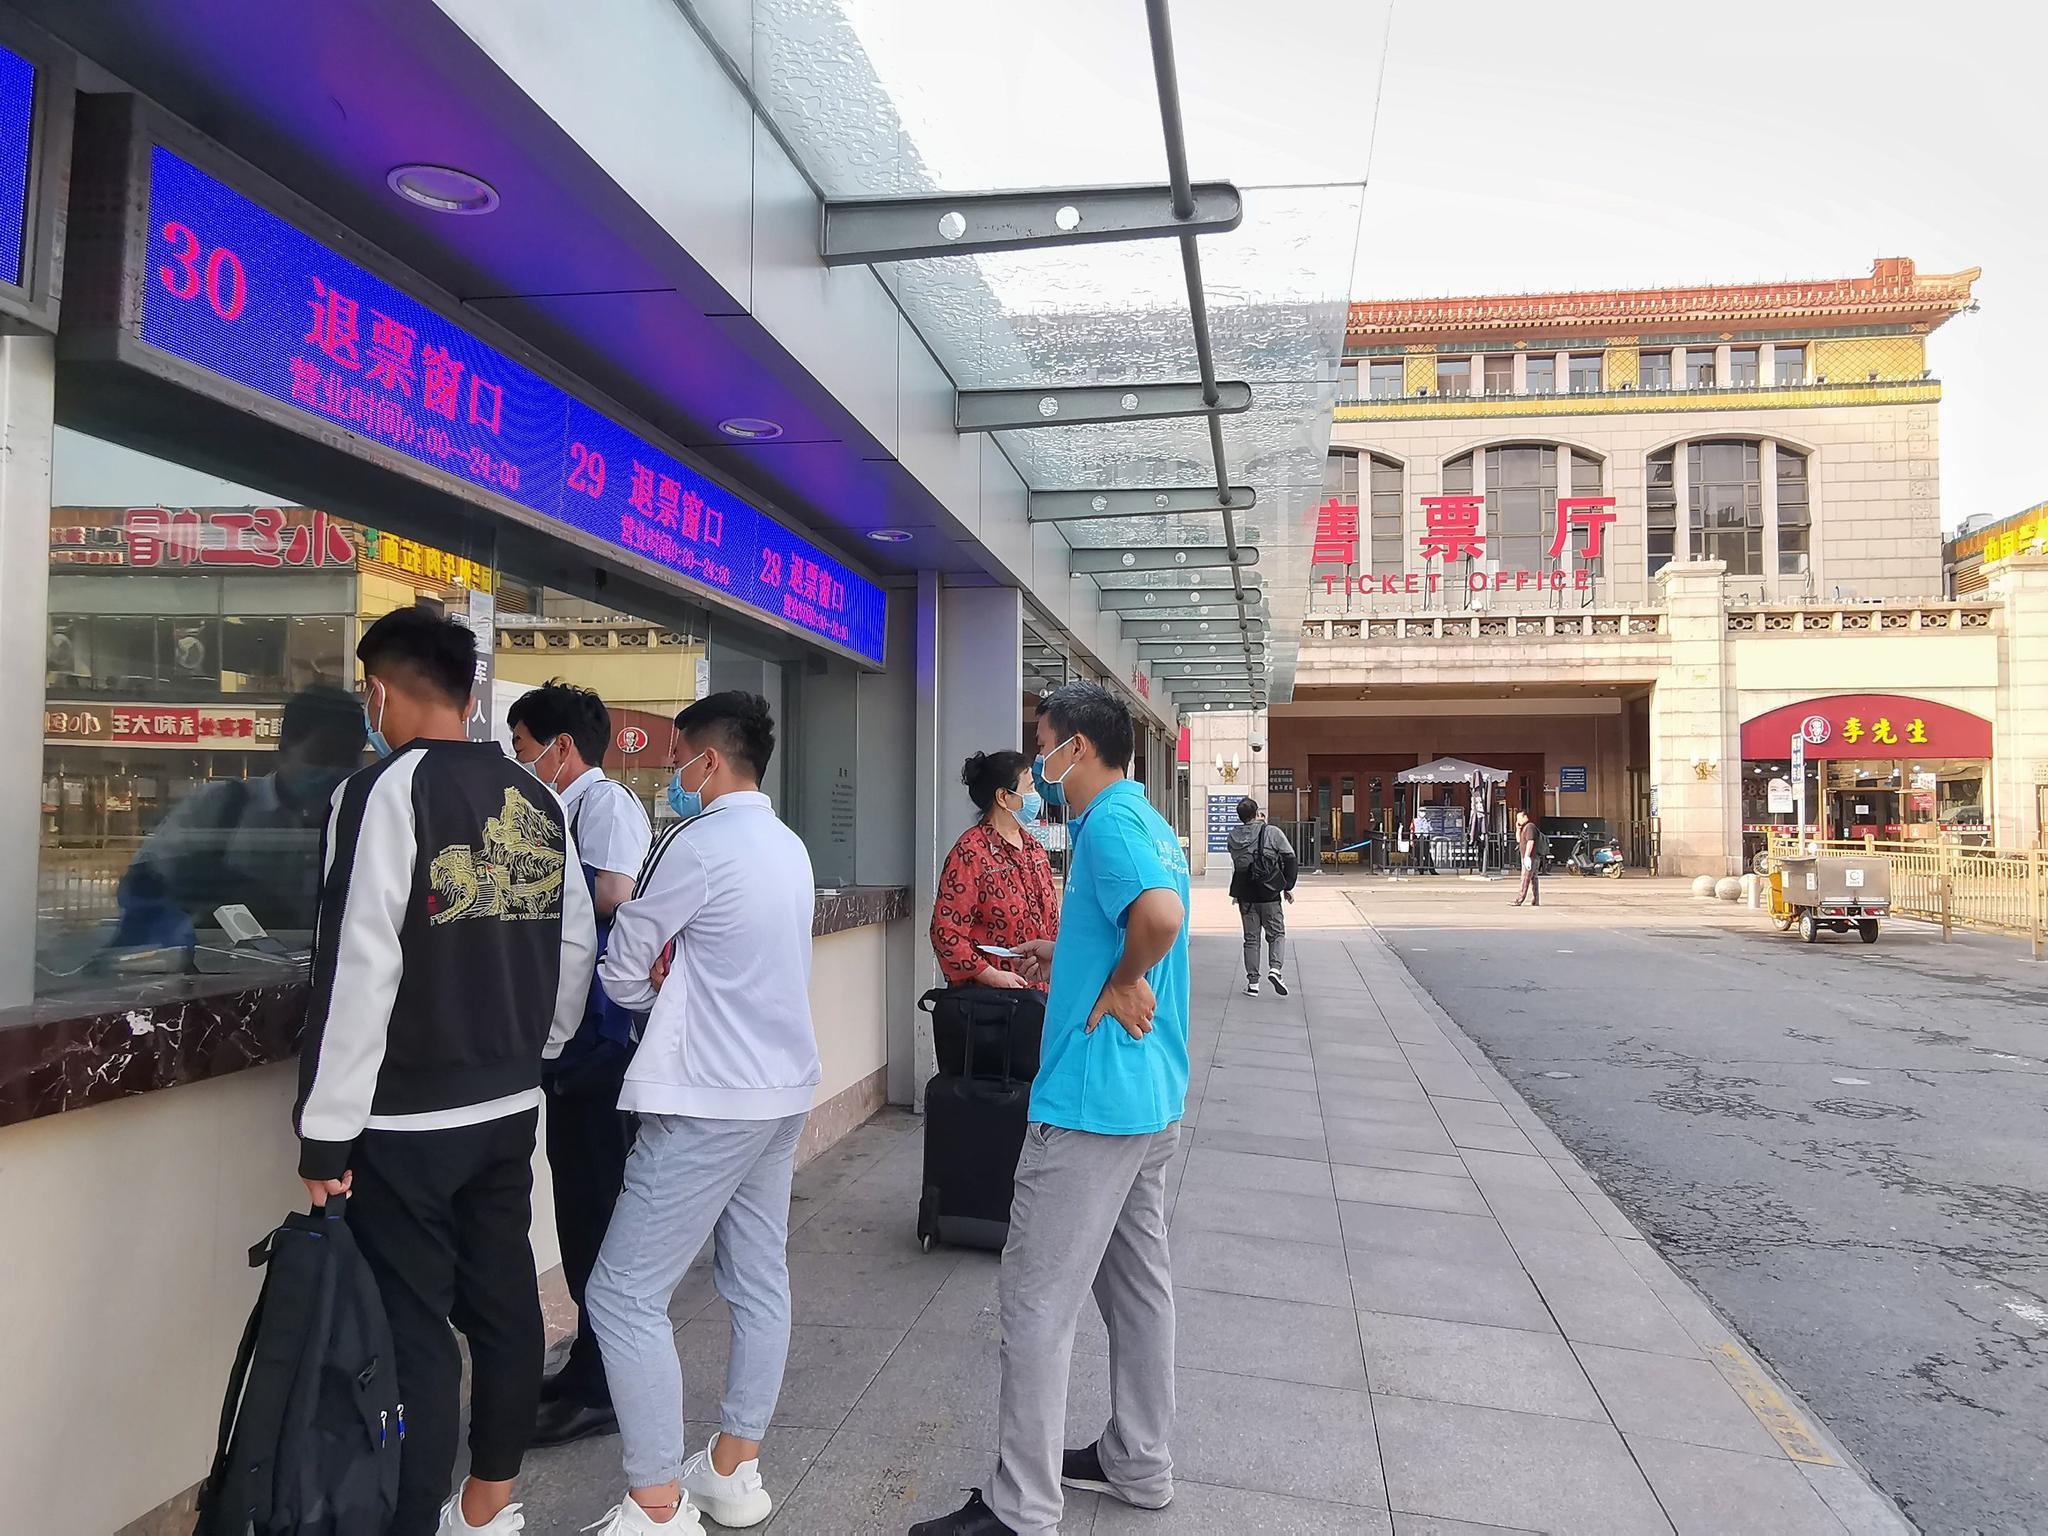 没有核酸检测证明的乘客在办理退票。新京报记者 裴剑飞 摄